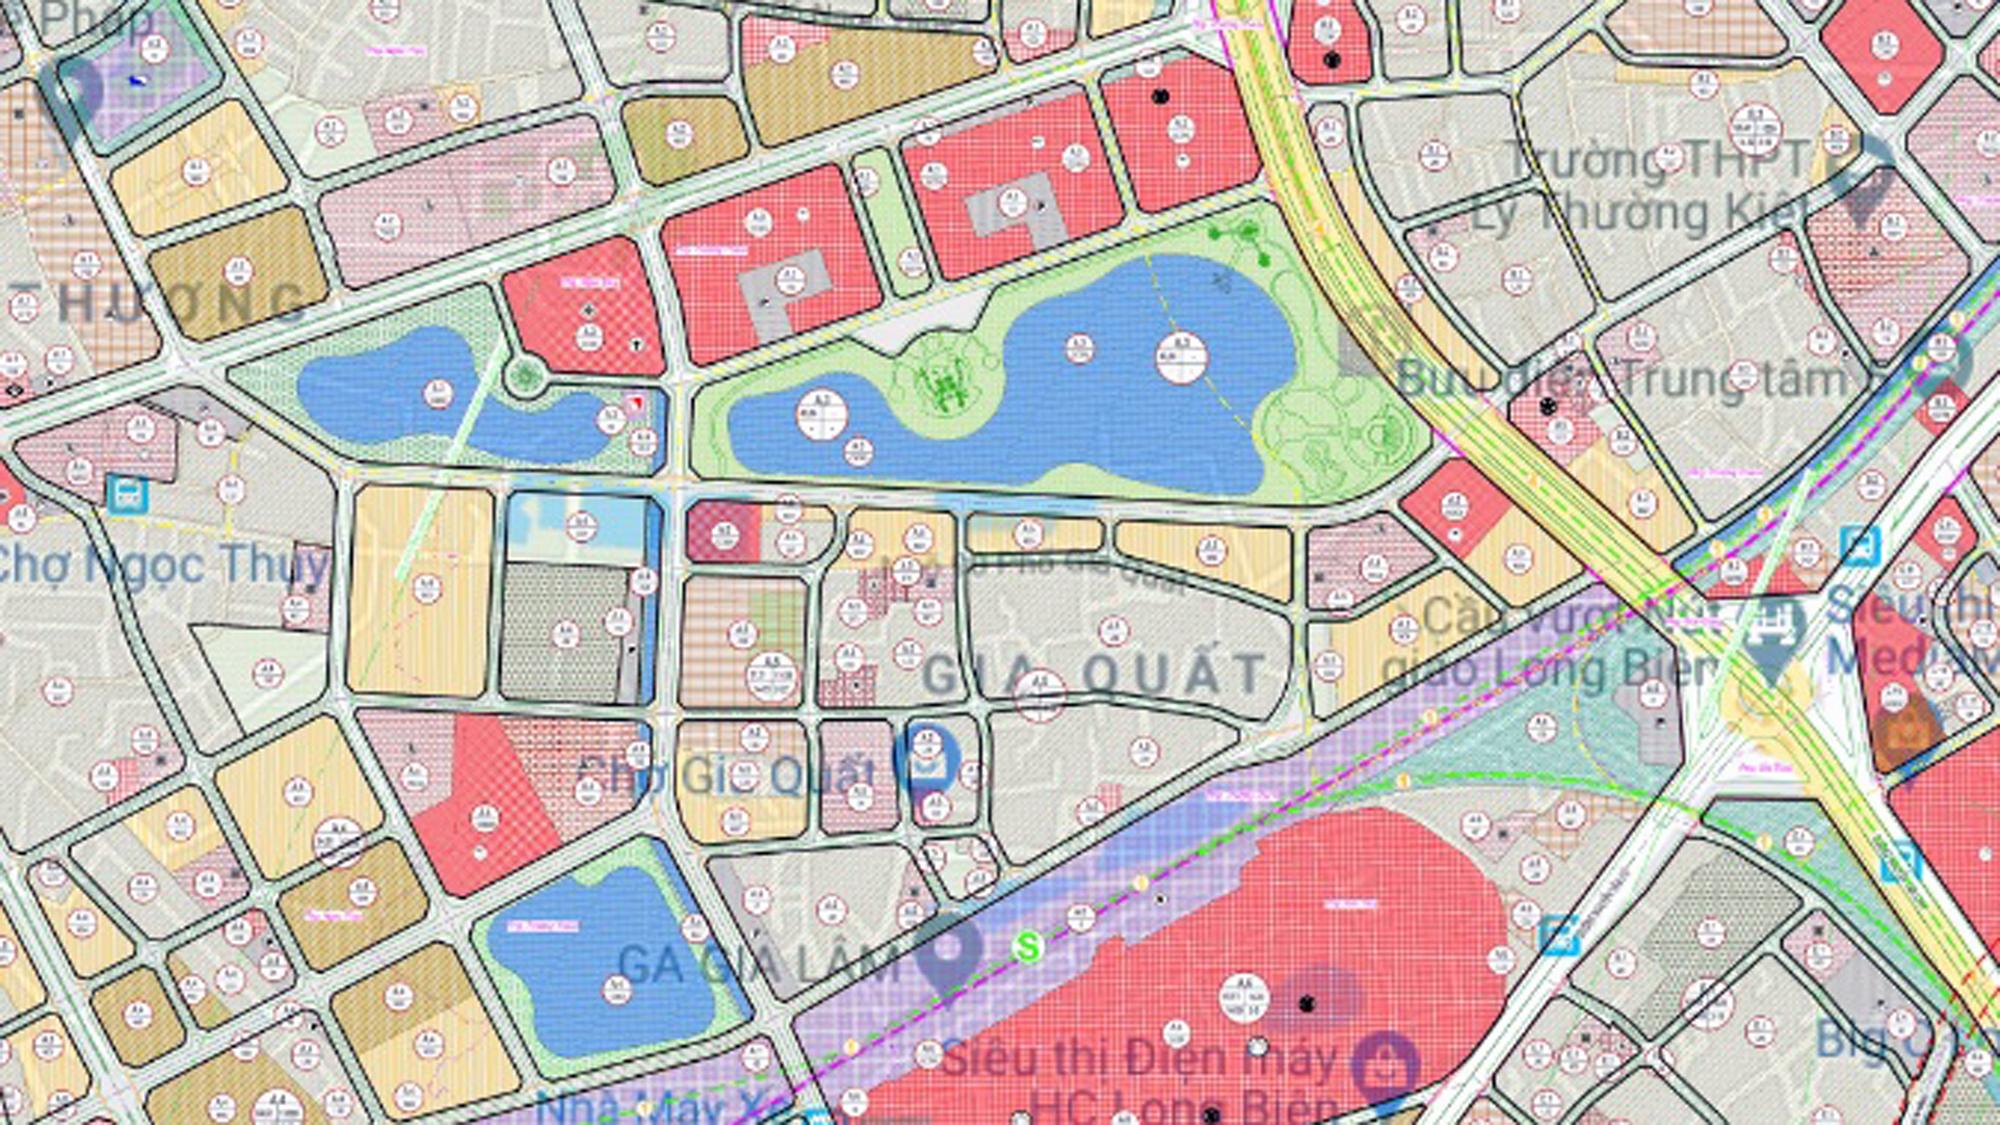 Những dự án chung cư gần các khu đất sẽ đào hồ lớn ở quận Long Biên - Ảnh 7.